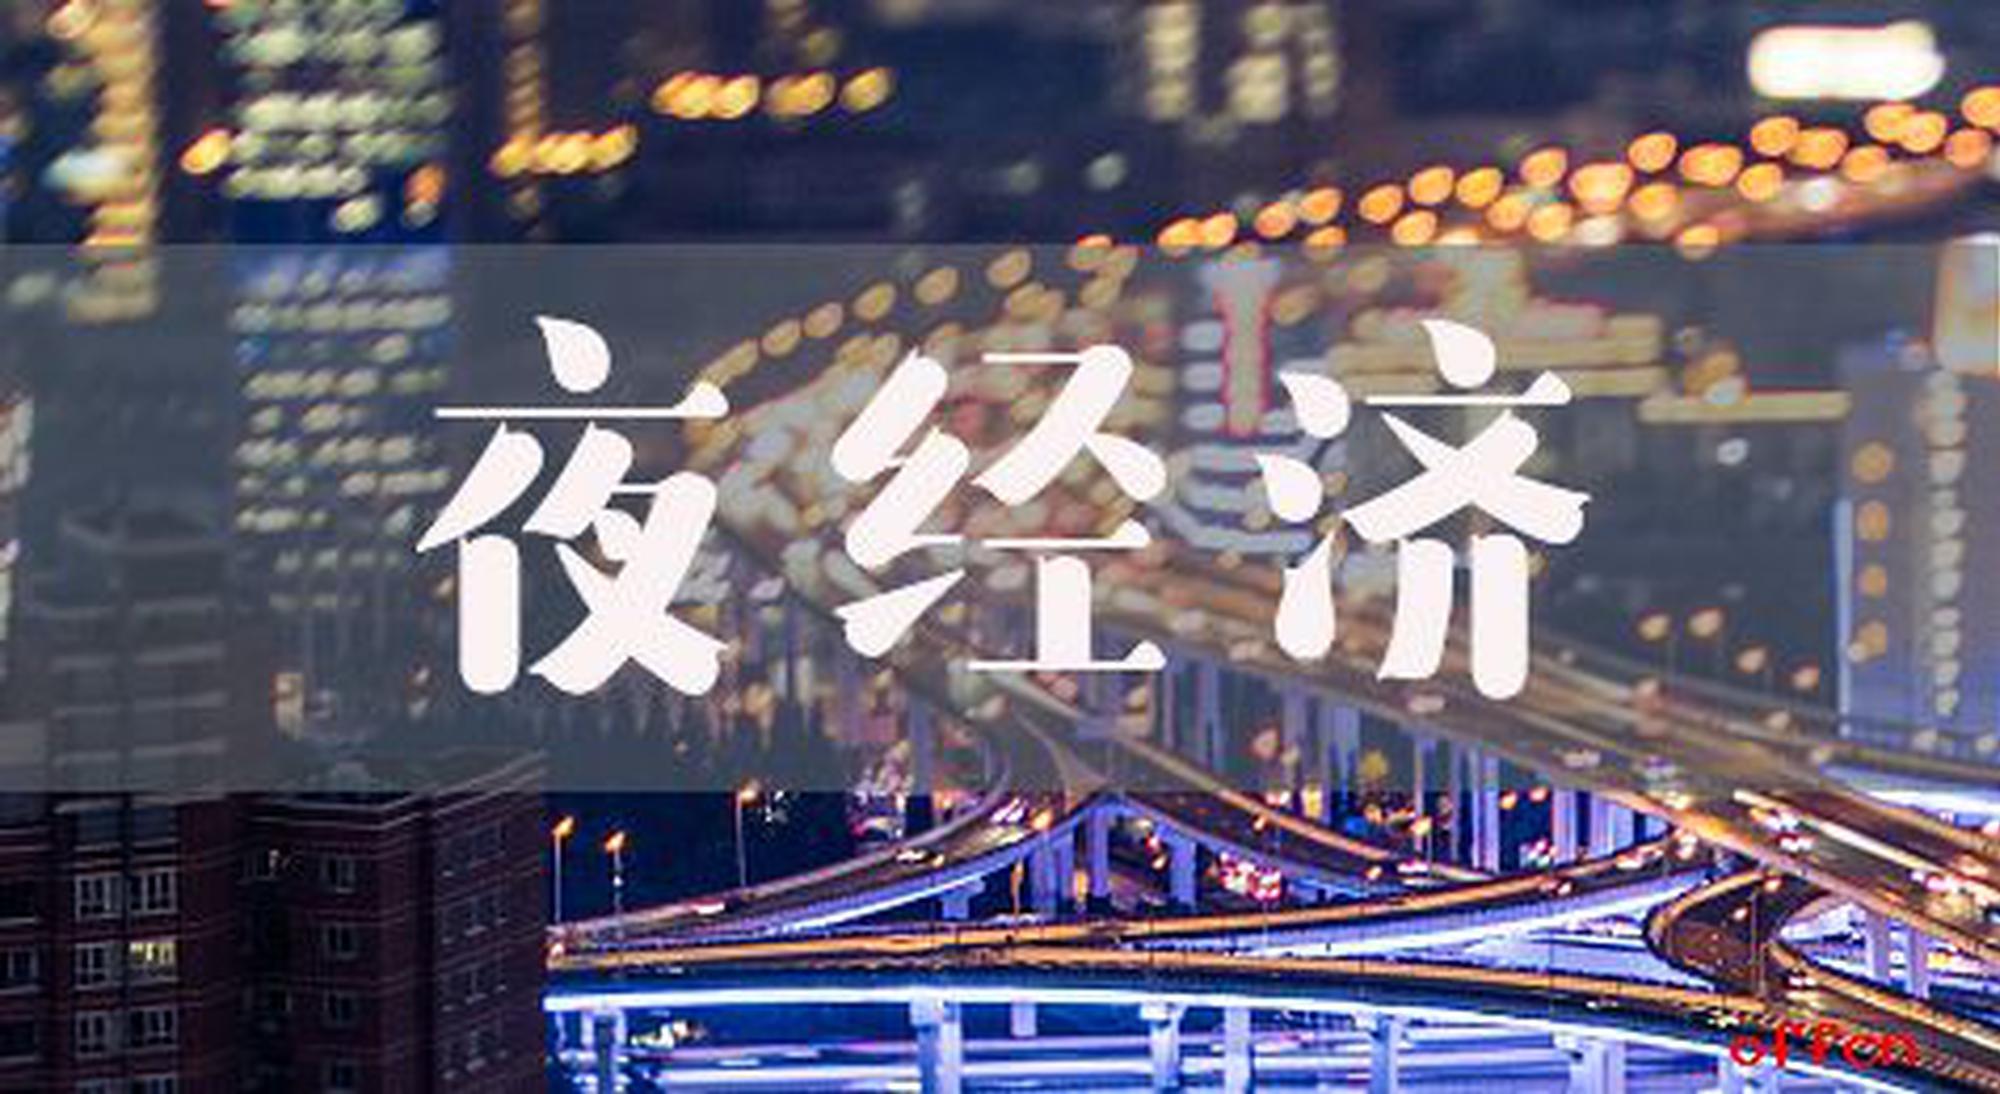 山西:鼓励城市旅游文化街区合理规划夜市